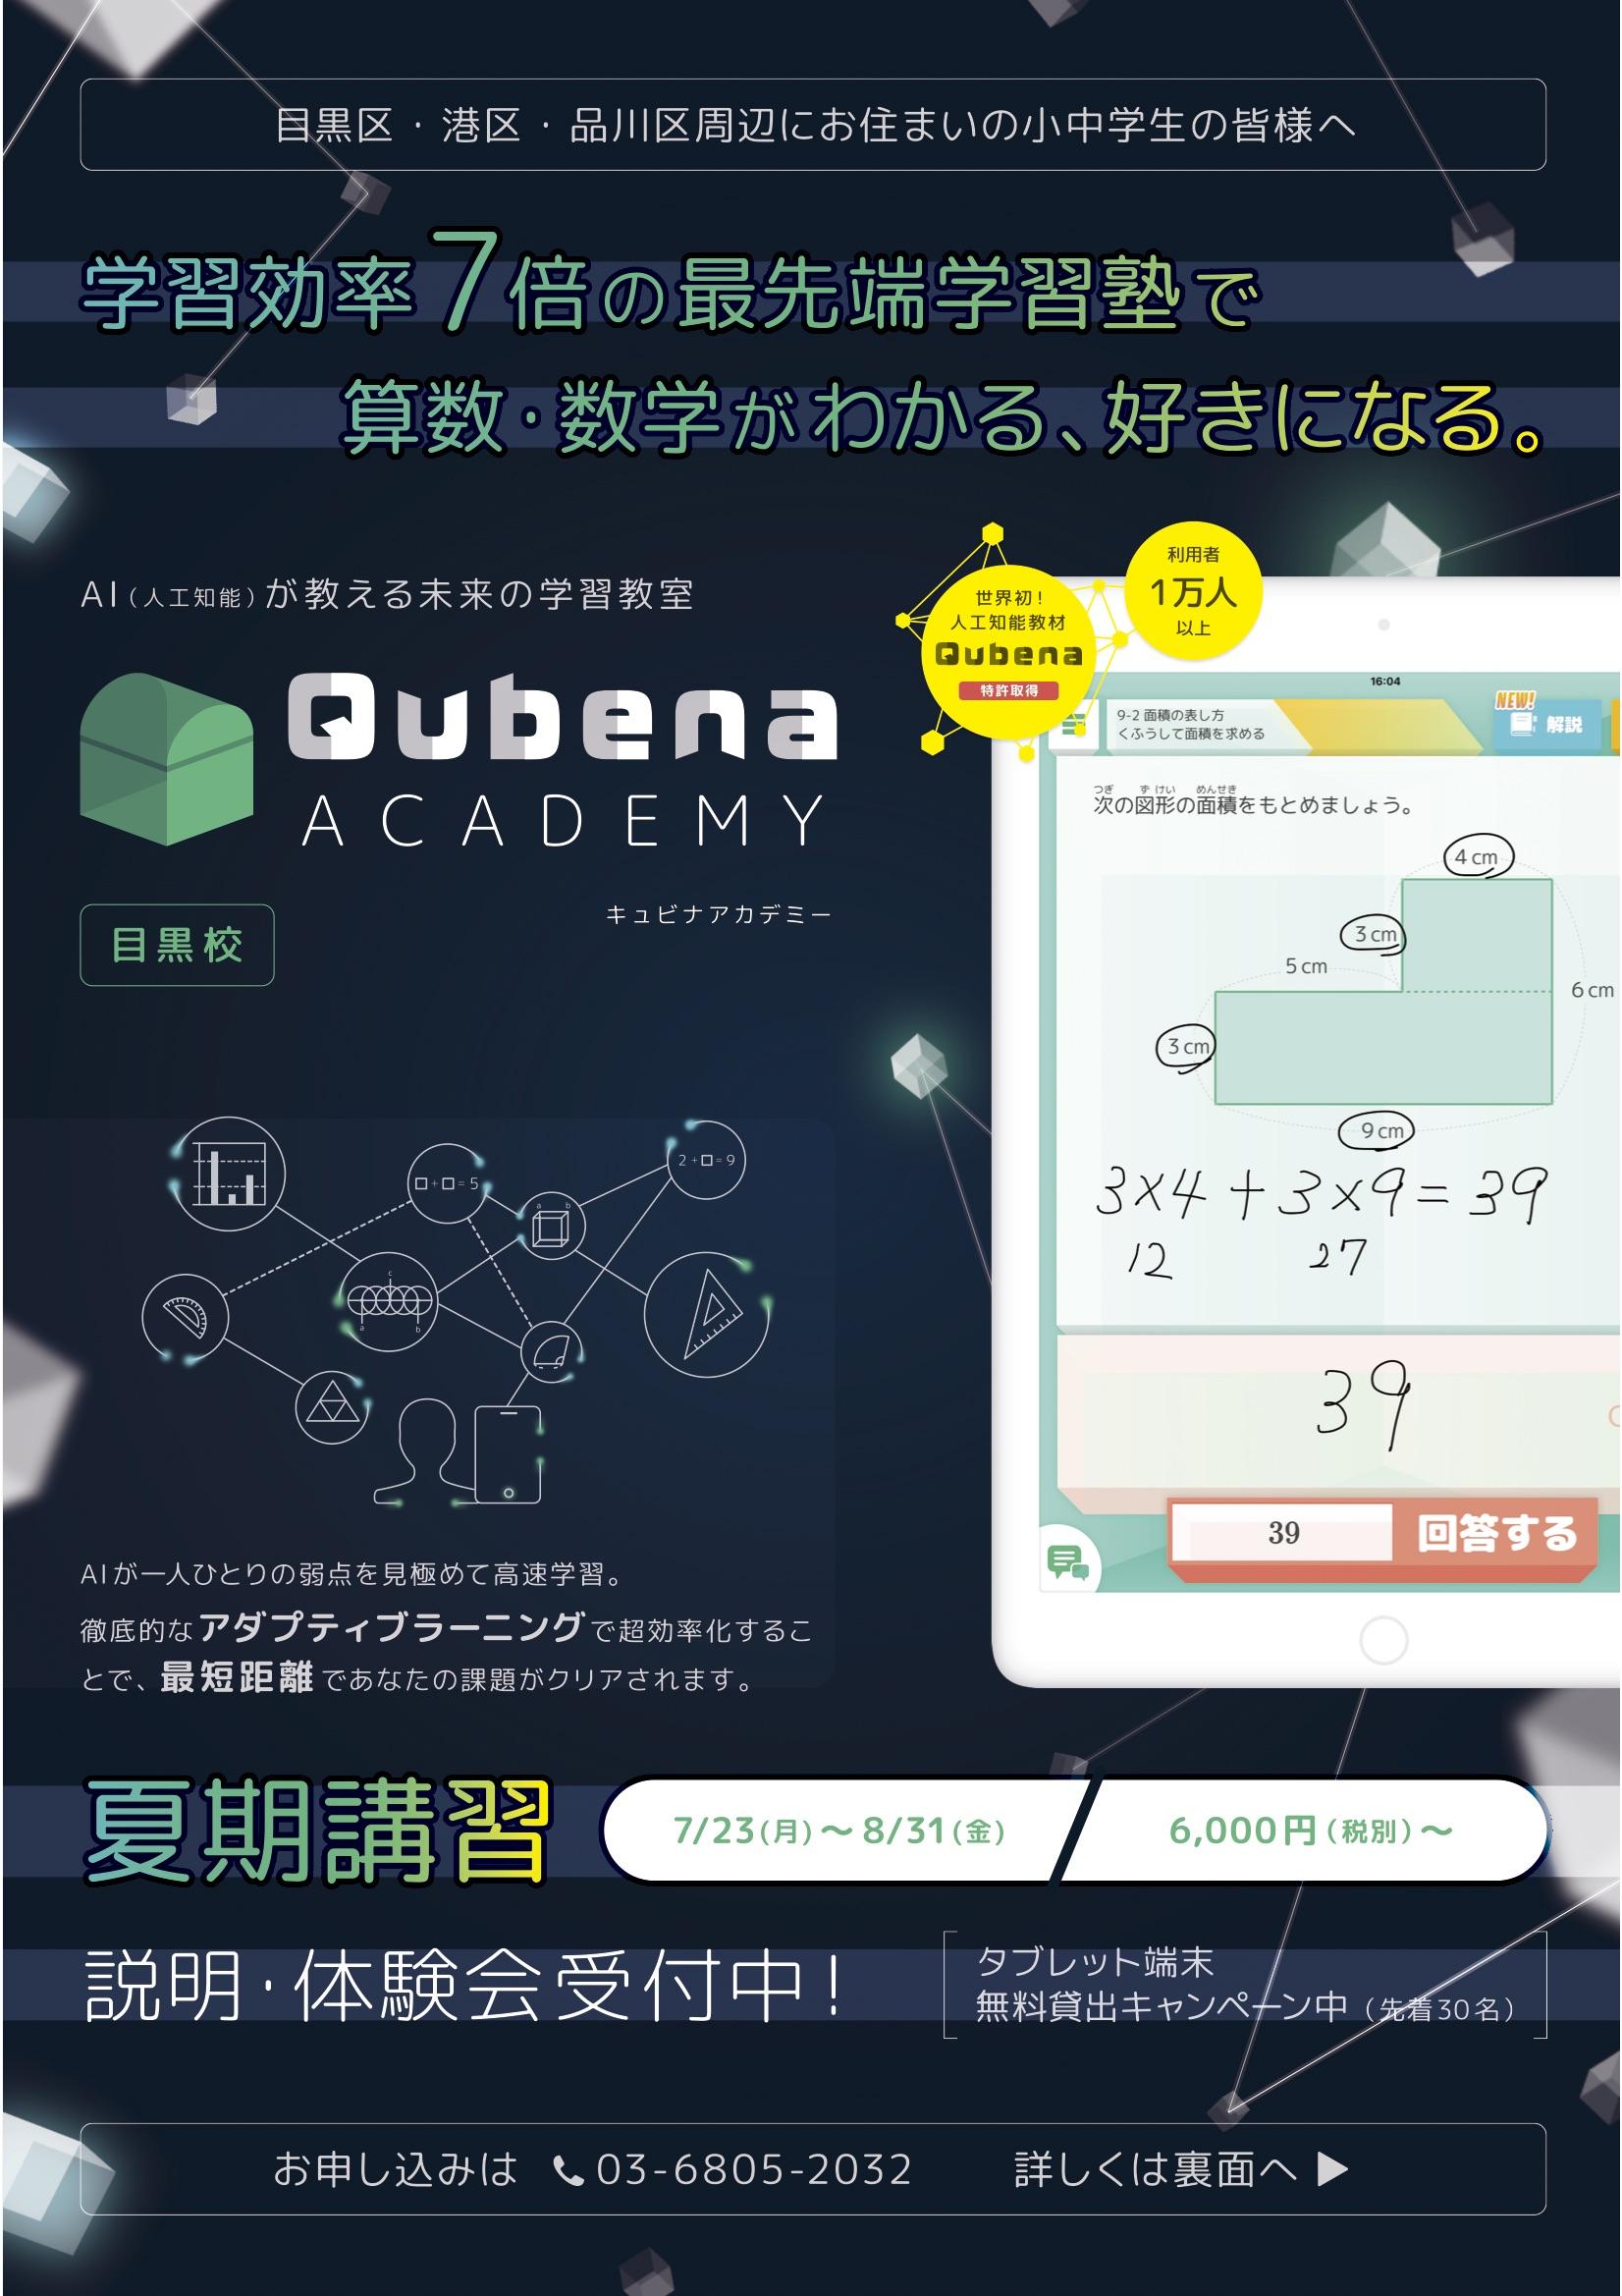 Qubena夏期講習のお知らせ